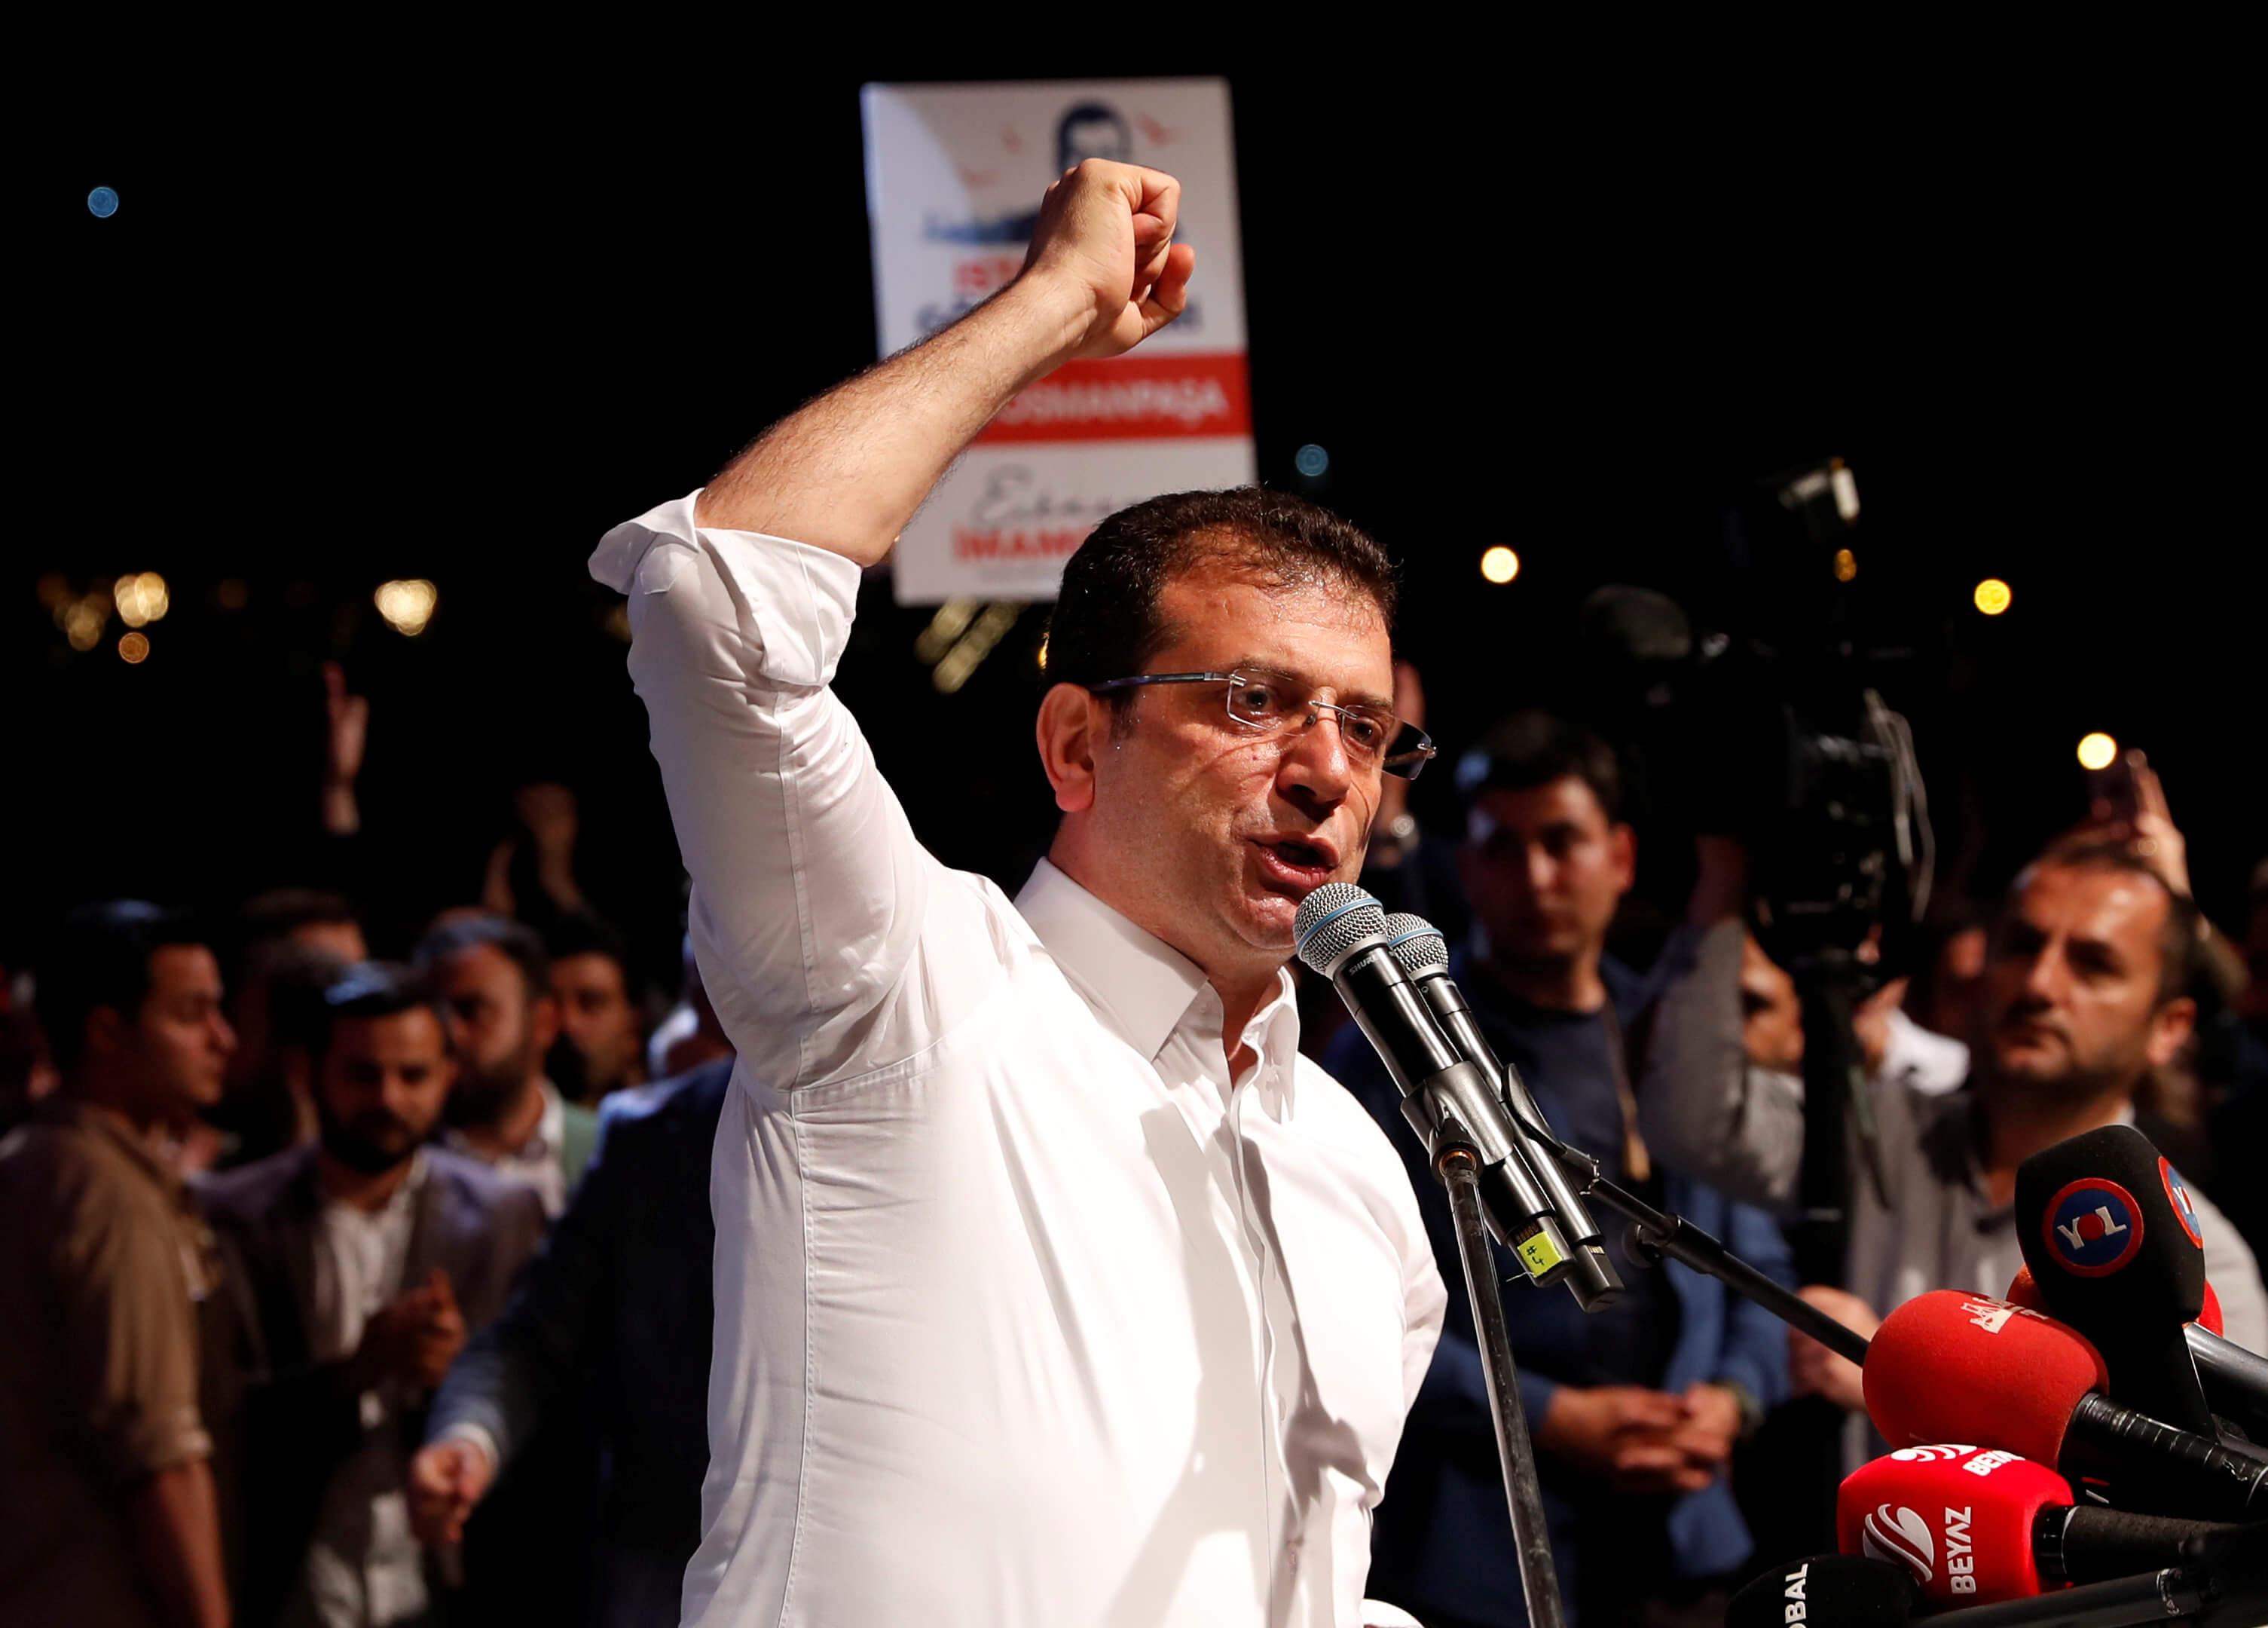 """Τουρκία: """"Δώρο"""" στον Ιμάμογλου! Αποσύρεται υποψήφιος δήμαρχος!"""